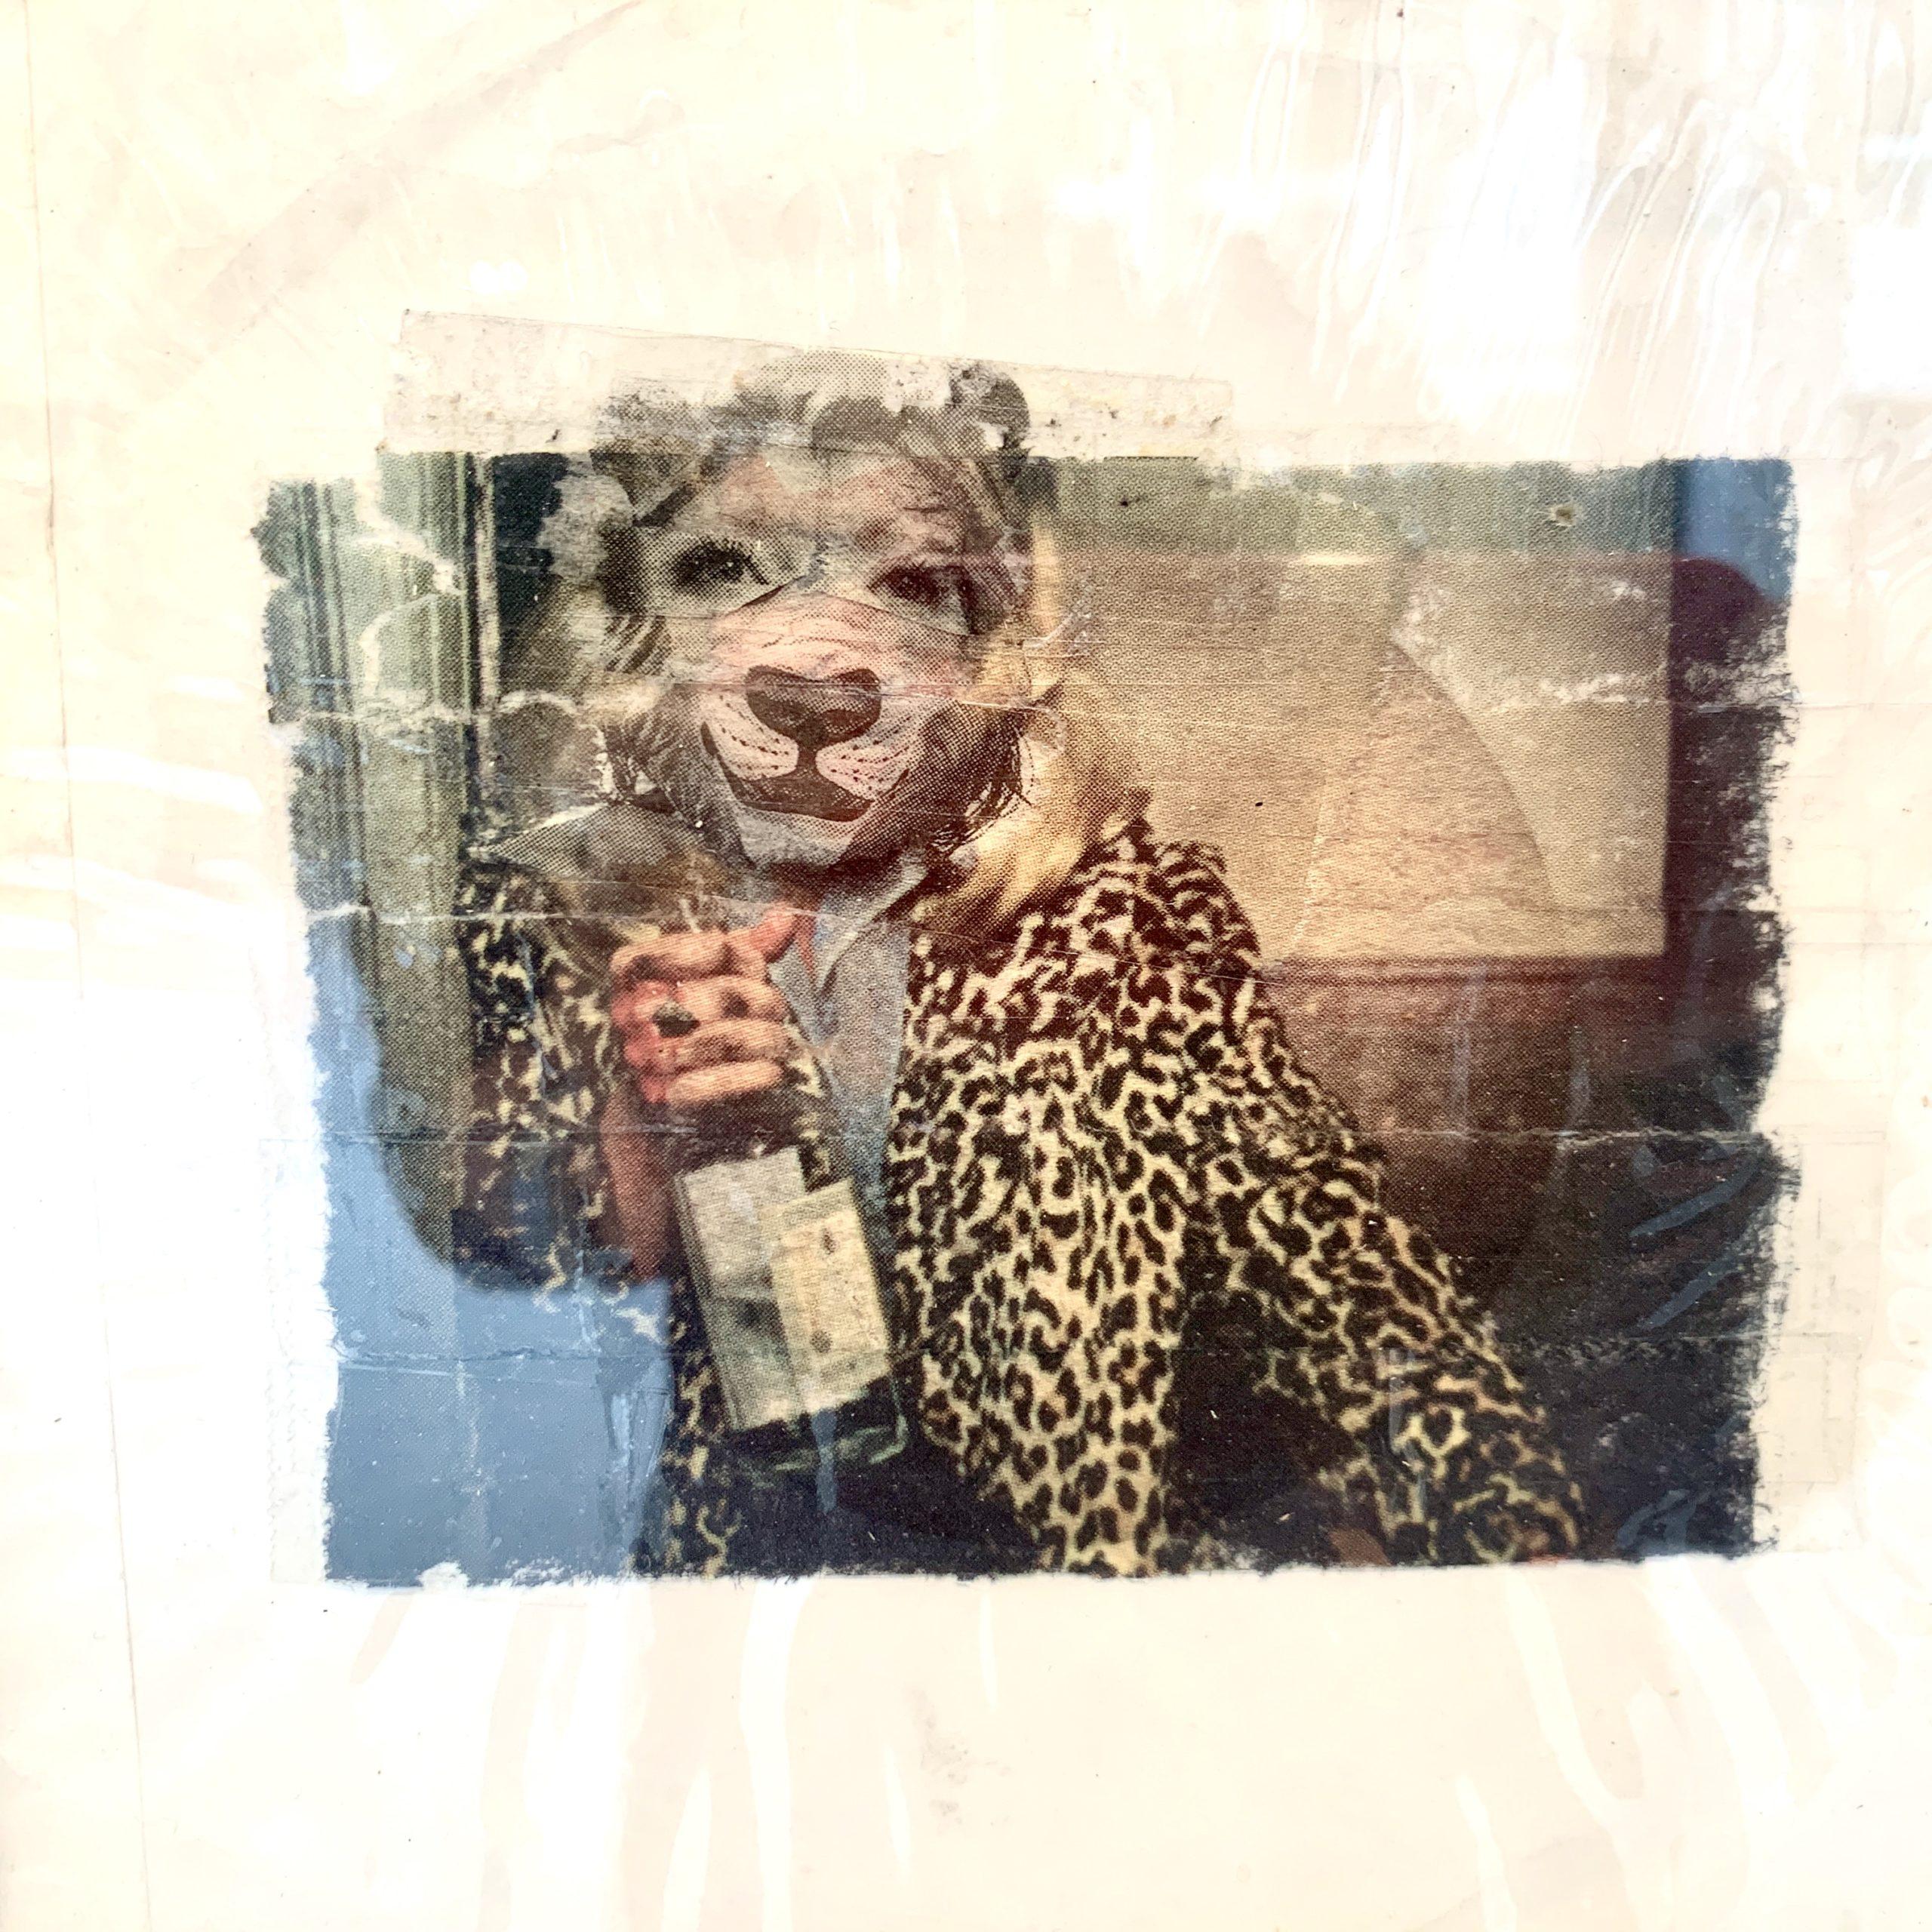 Pierre Emery, collage. «Mauvaises graines», Paris, 22, rue Visconti. Du 18 au 22 septembre 2020. Photo artvisions.